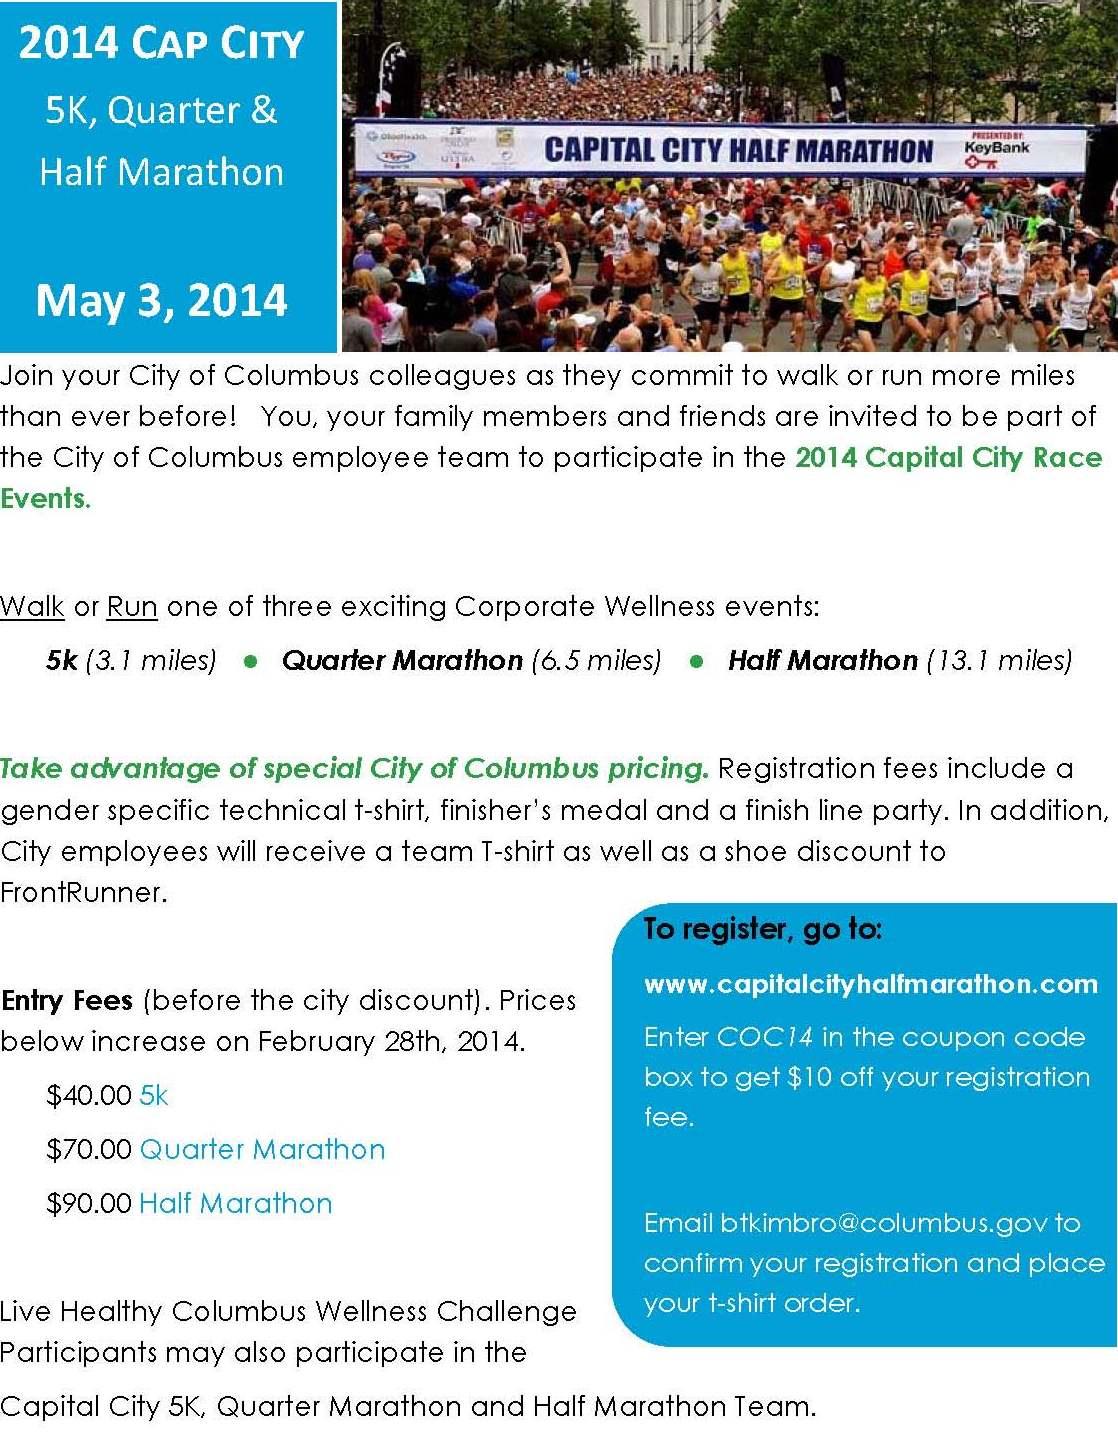 Columbus cap city half marathon coupon code